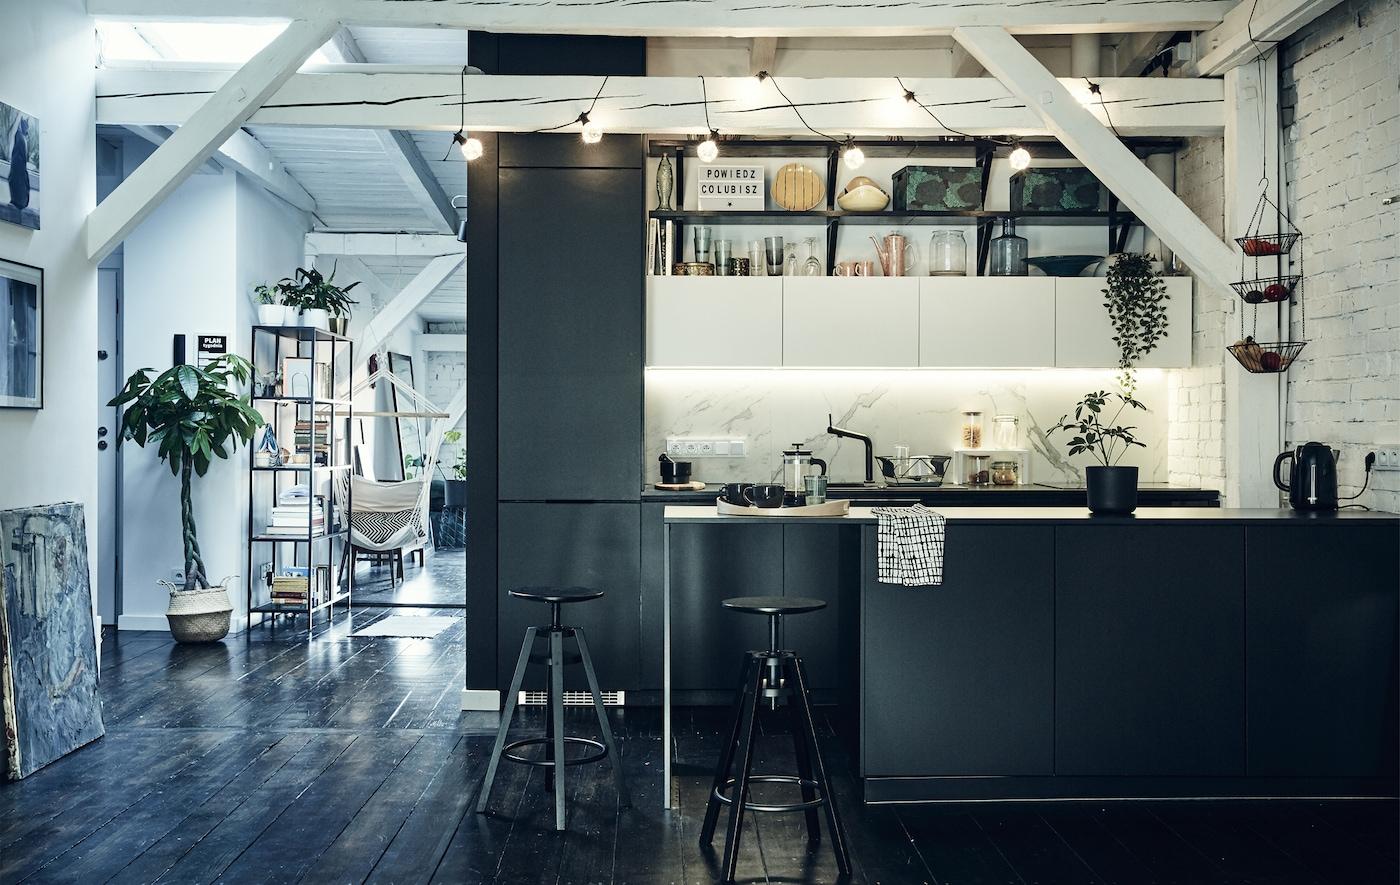 Crna kuhinja je otvoren prostor s belim gredama preko plafona i podovima od tamnog drveta.